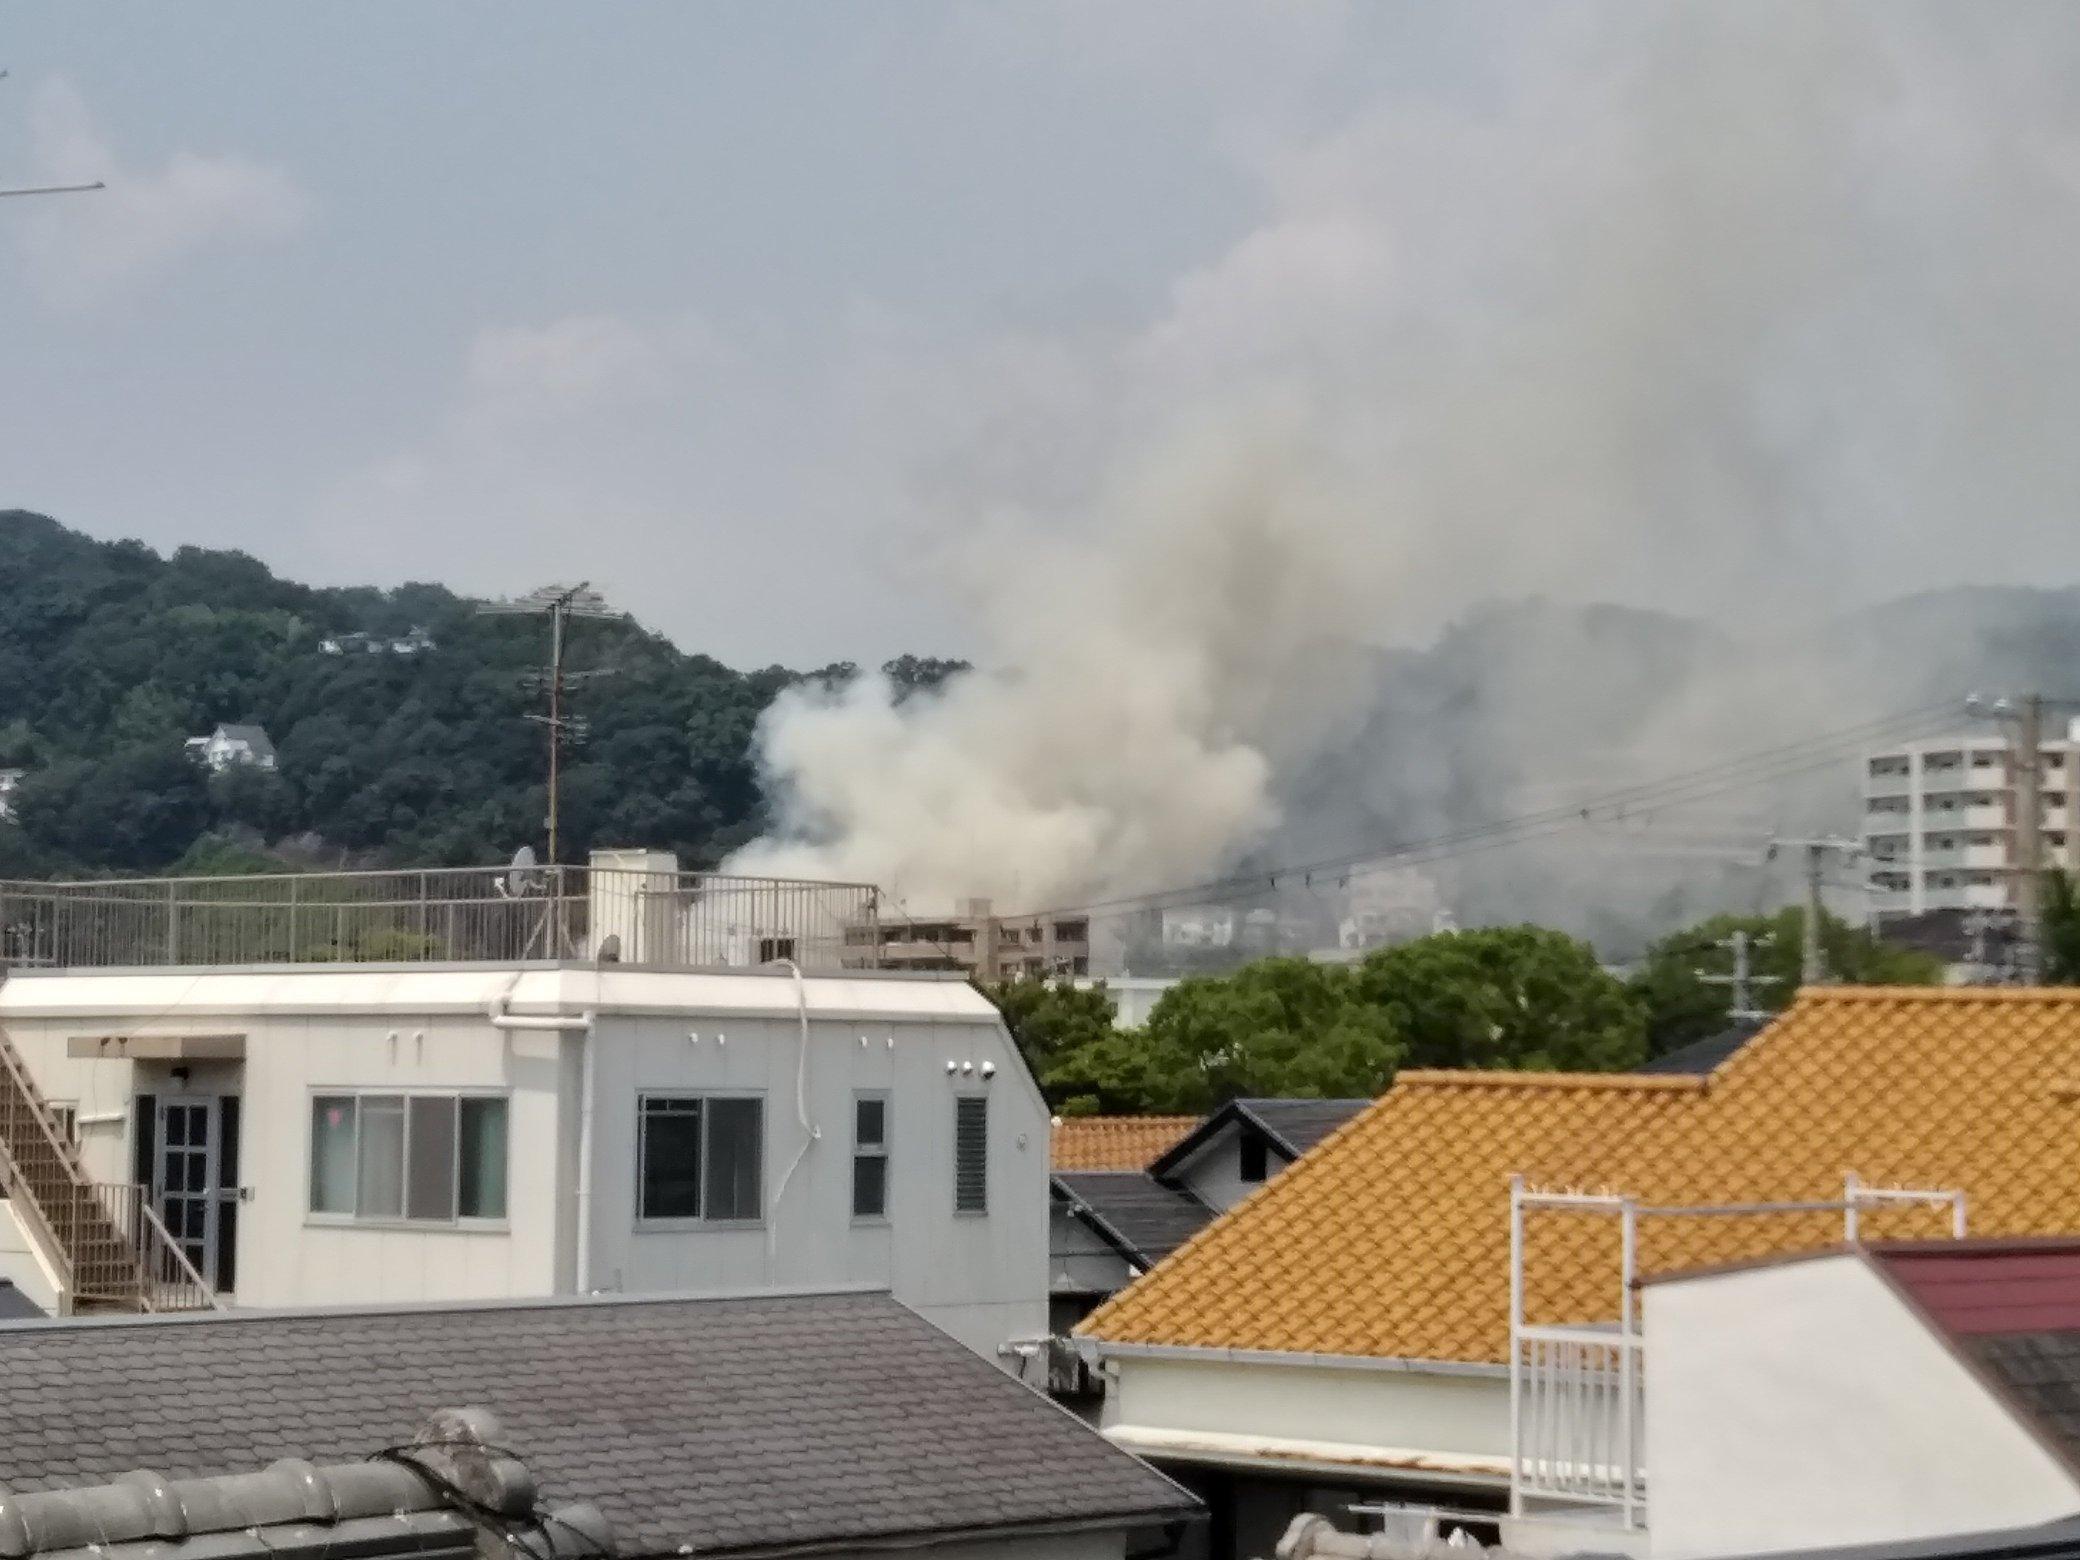 神戸市兵庫区石井町で大きな火事が起きている現場の画像